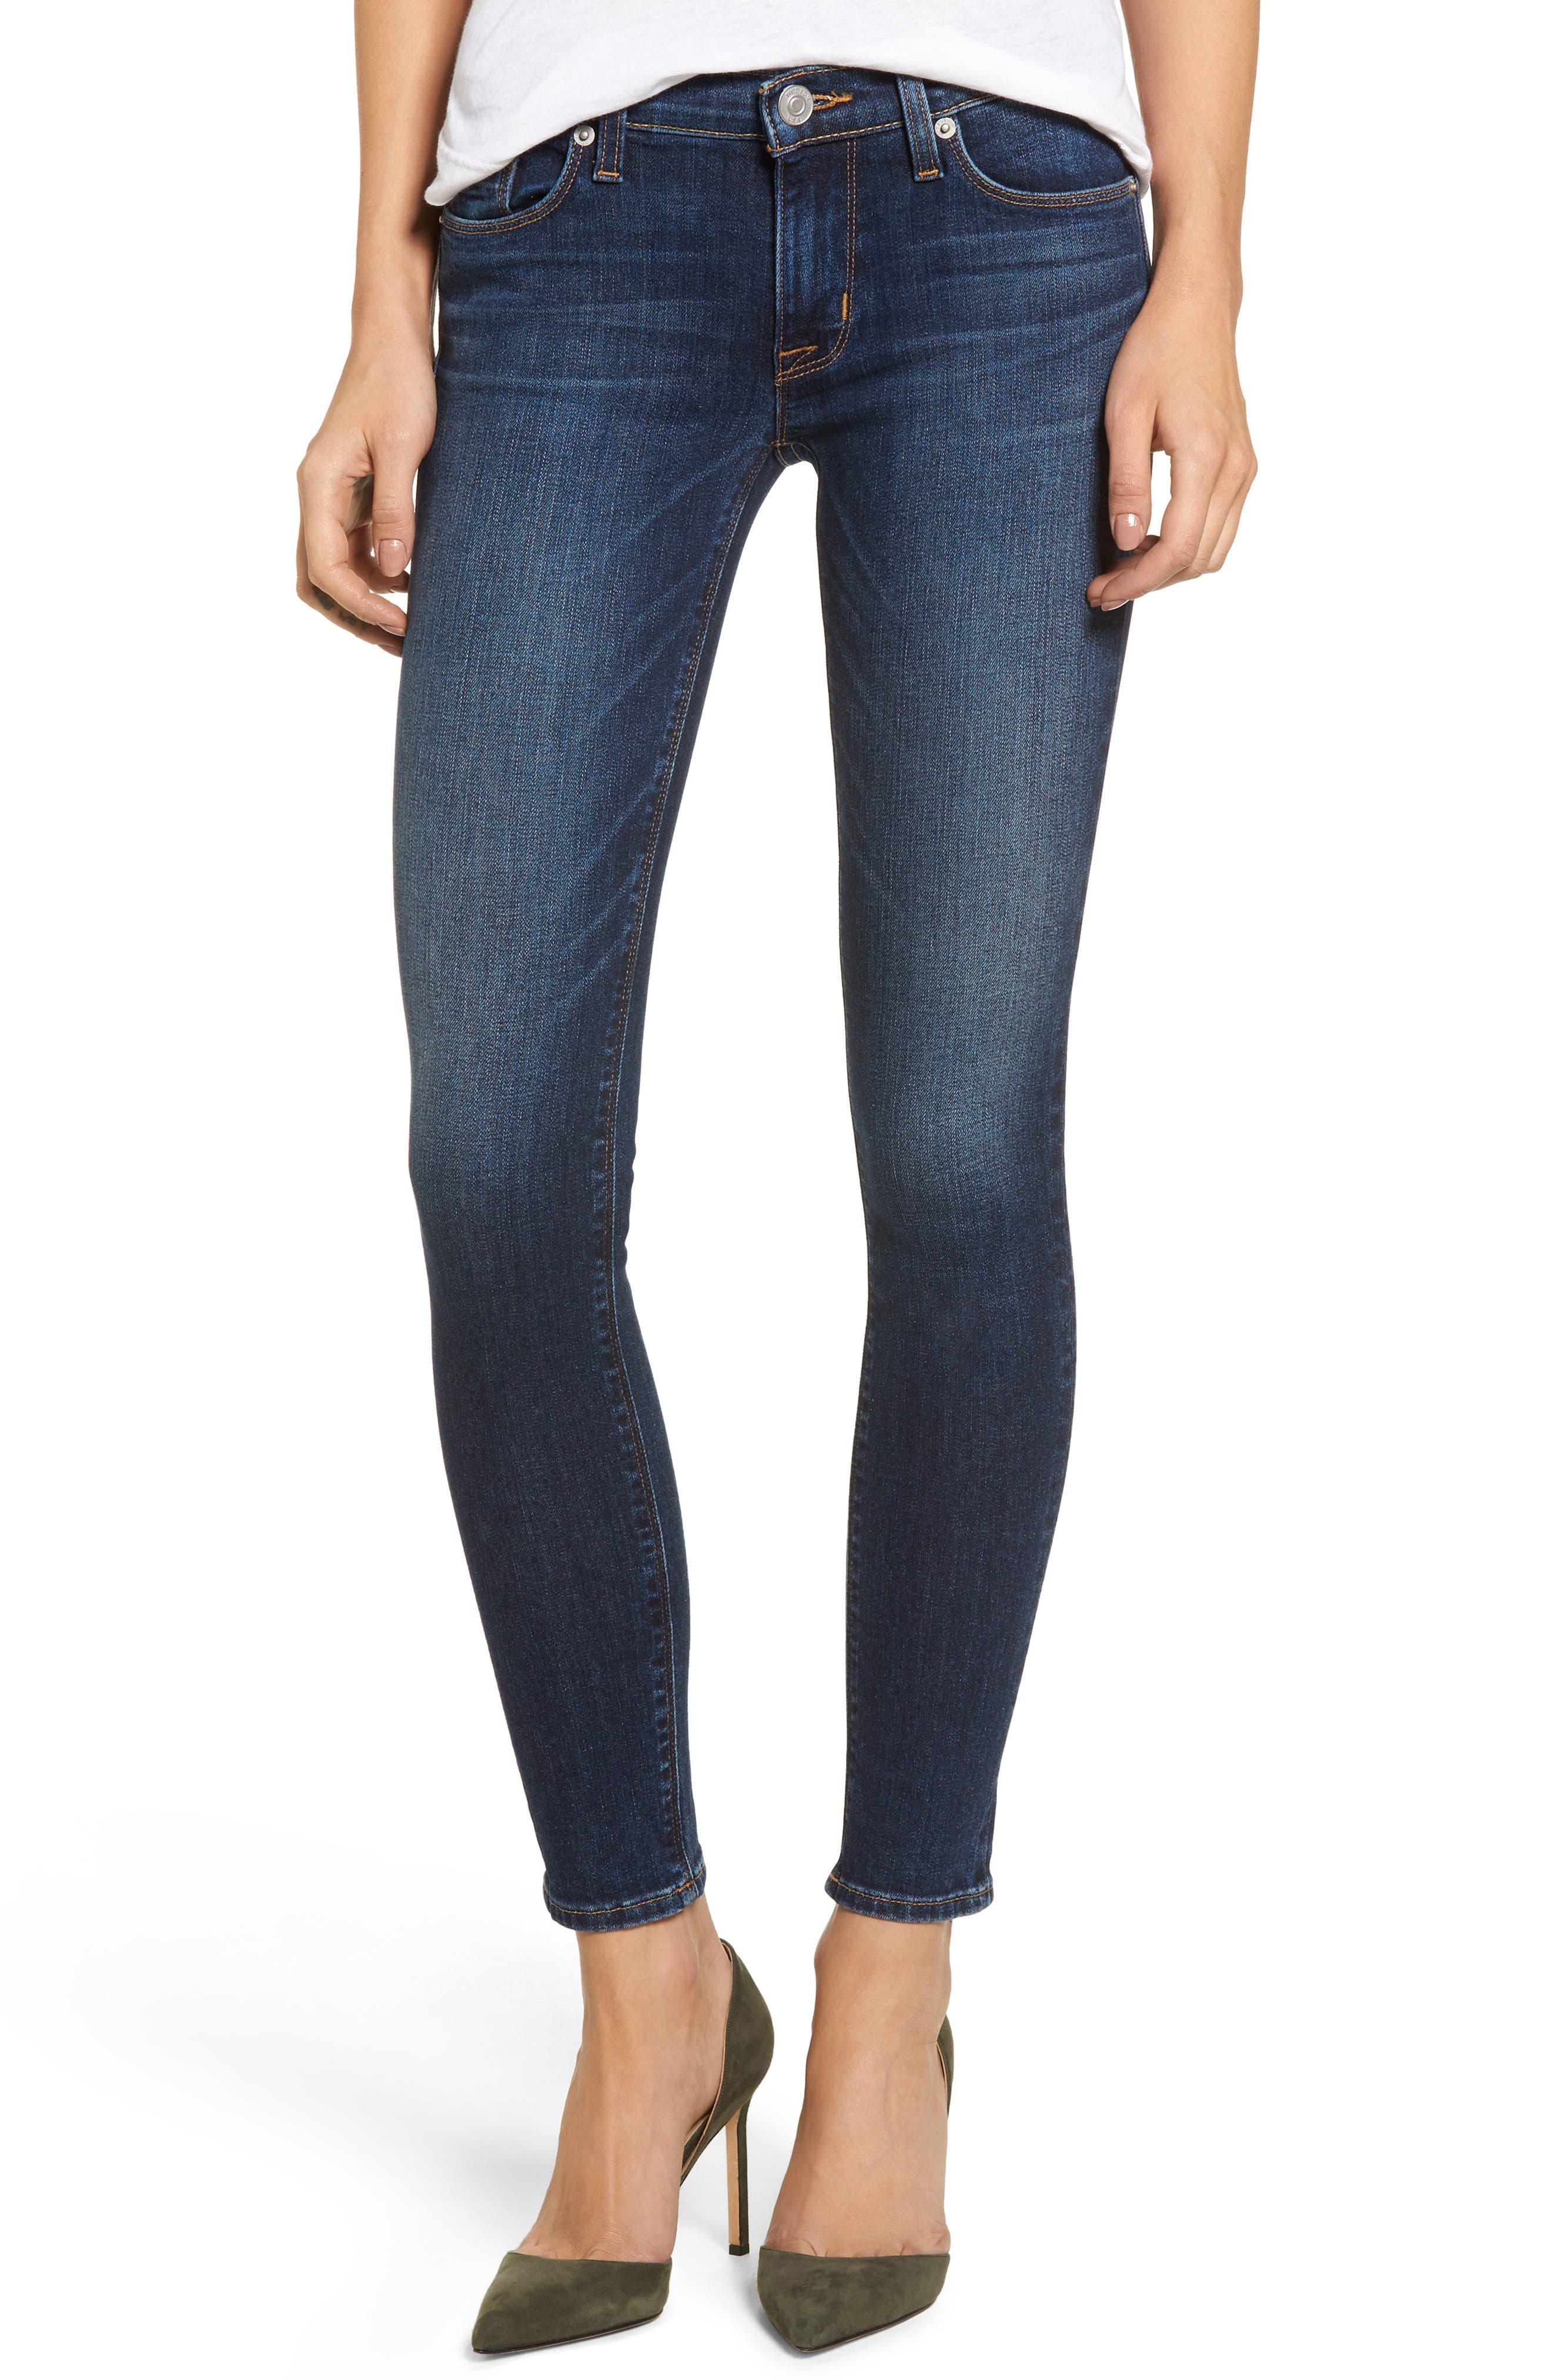 Alternate Image 1 Selected - Hudson Jeans 'Krista' Super Skinny Jeans